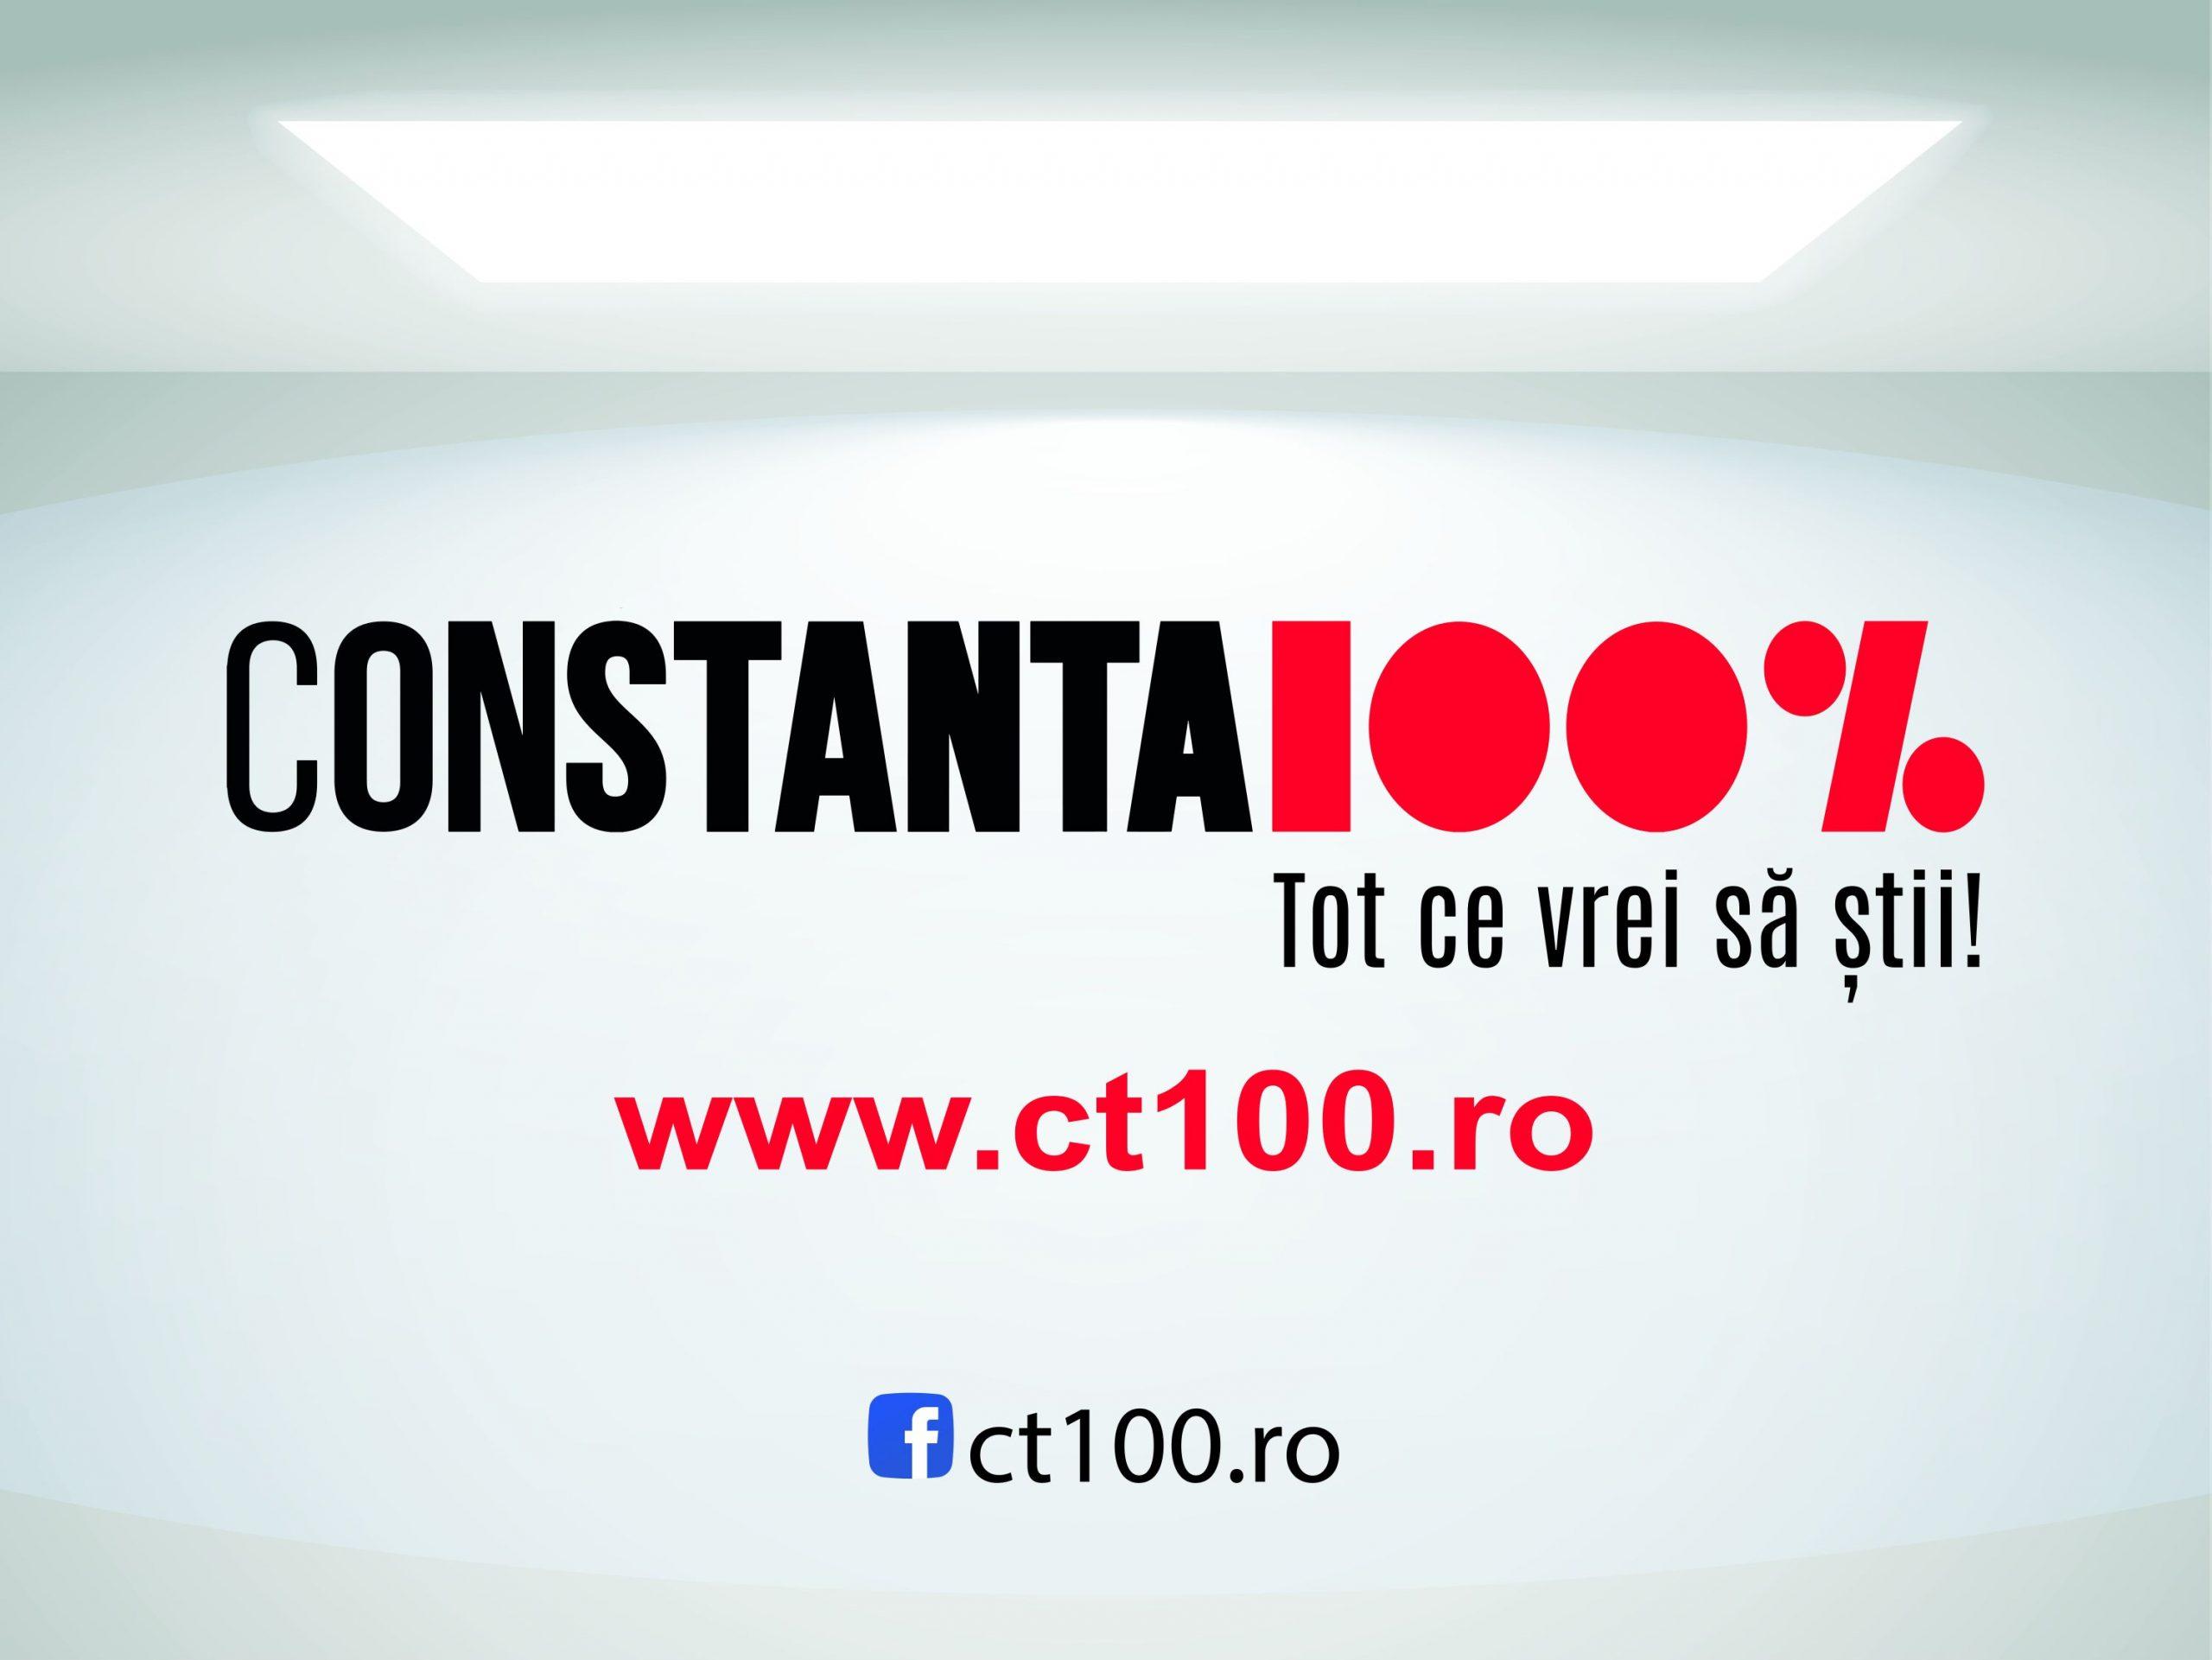 Publicația Constanța 100% a fost înființată în anul 2015 și de atunci a prezentat, echidistant, cele mai importante evenimente din județul Constanța, dar nu numai. Știrile de care aveți nevoie.